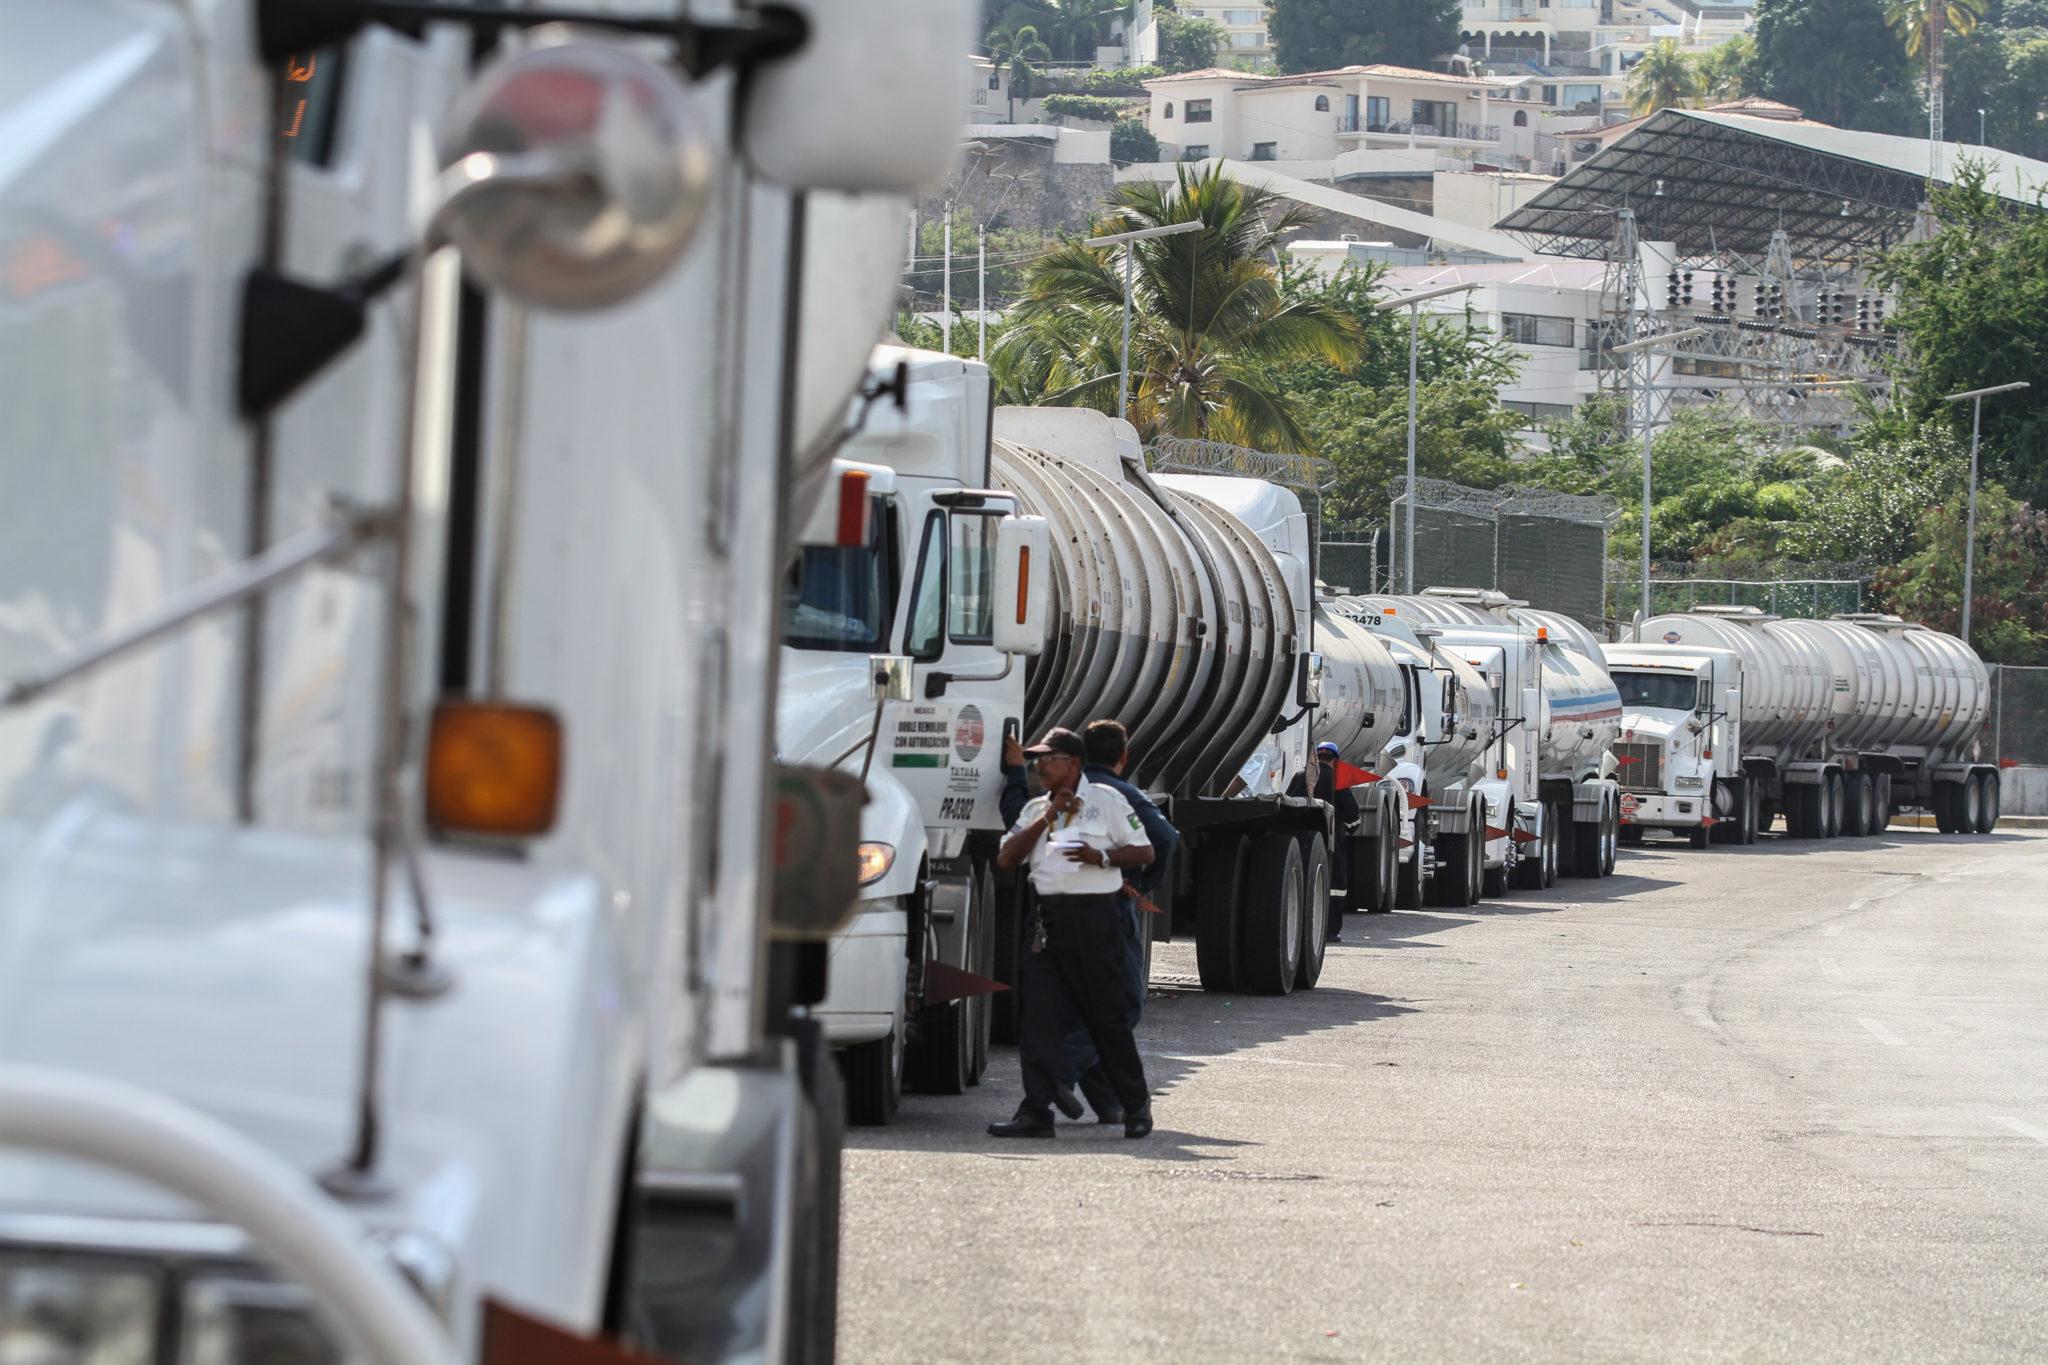 Gasolineros, gasolina, Onexpo, Organización Nacional de Expendedores de Petróleo, precios, Magna, Premium, Diesel, precios,